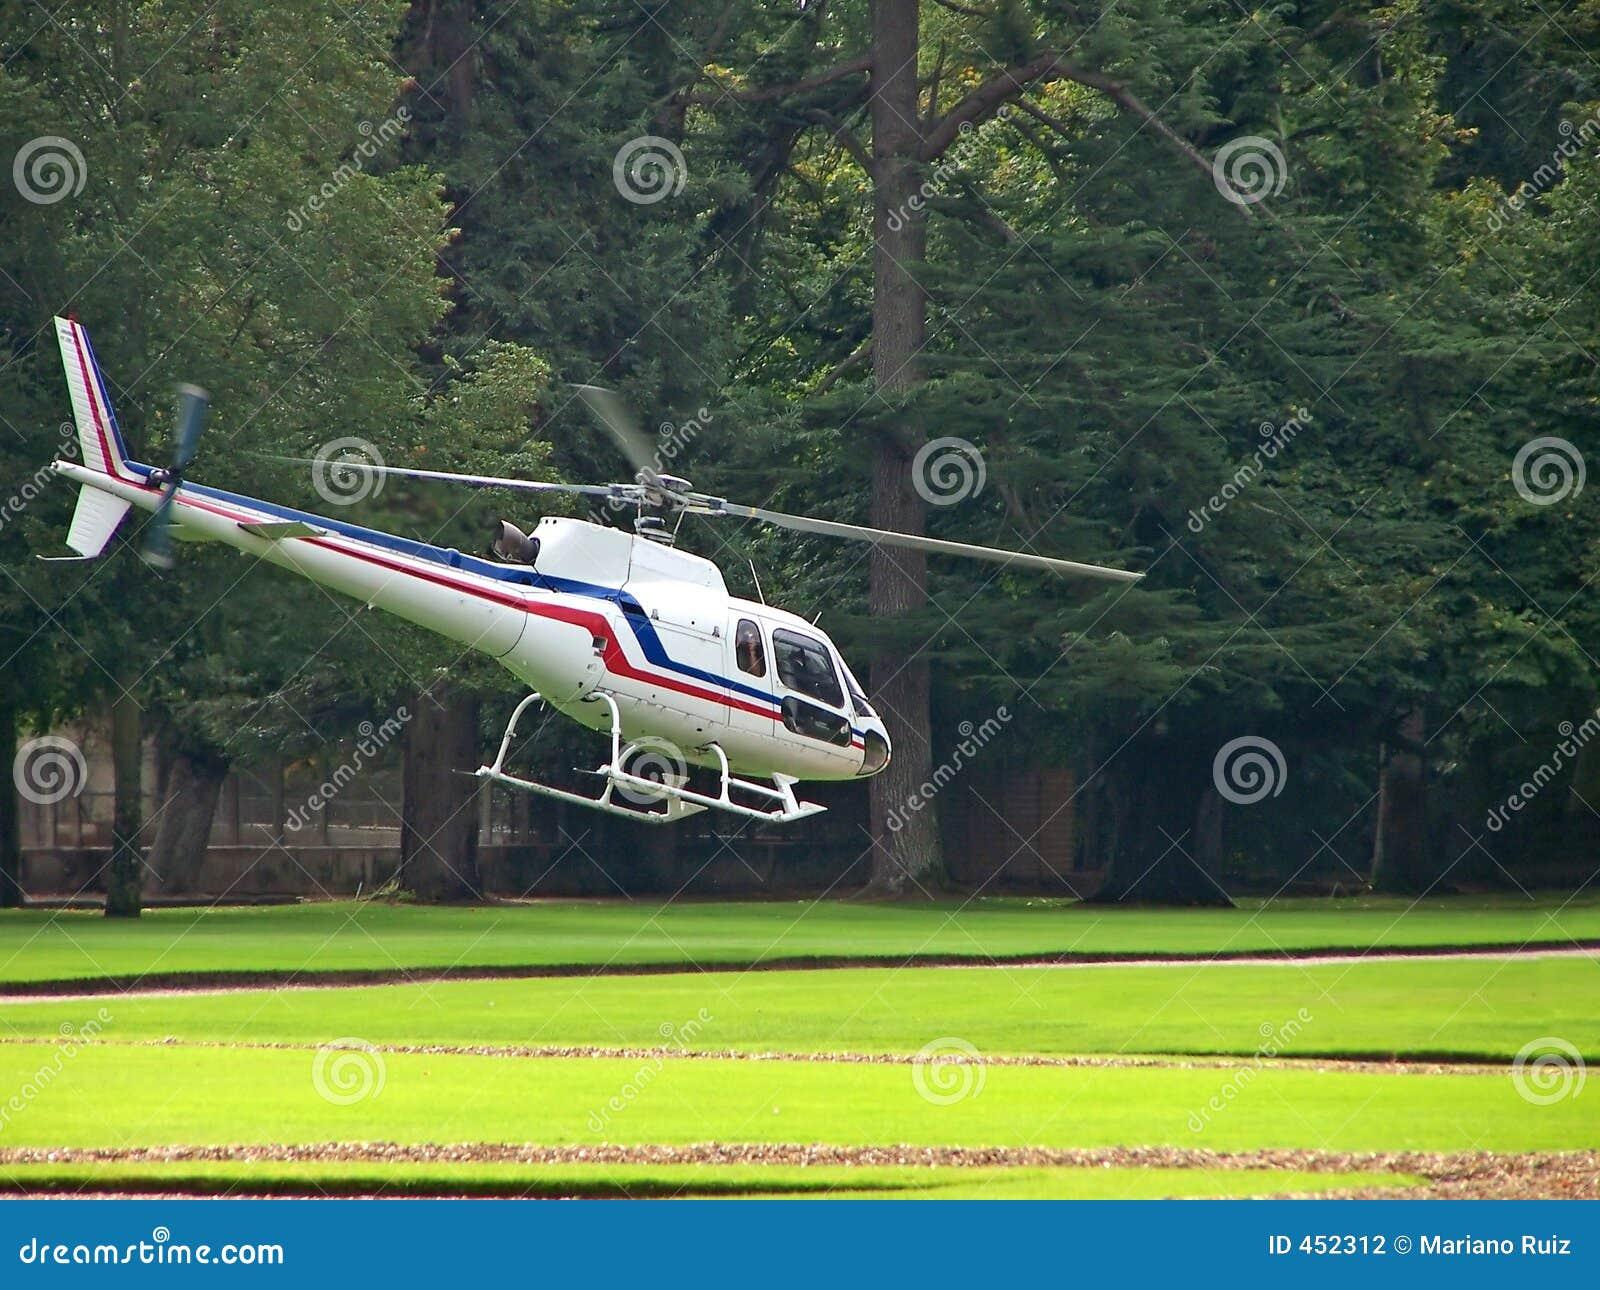 Elicottero Monte Bianco : Elicottero bianco fotografia stock immagine